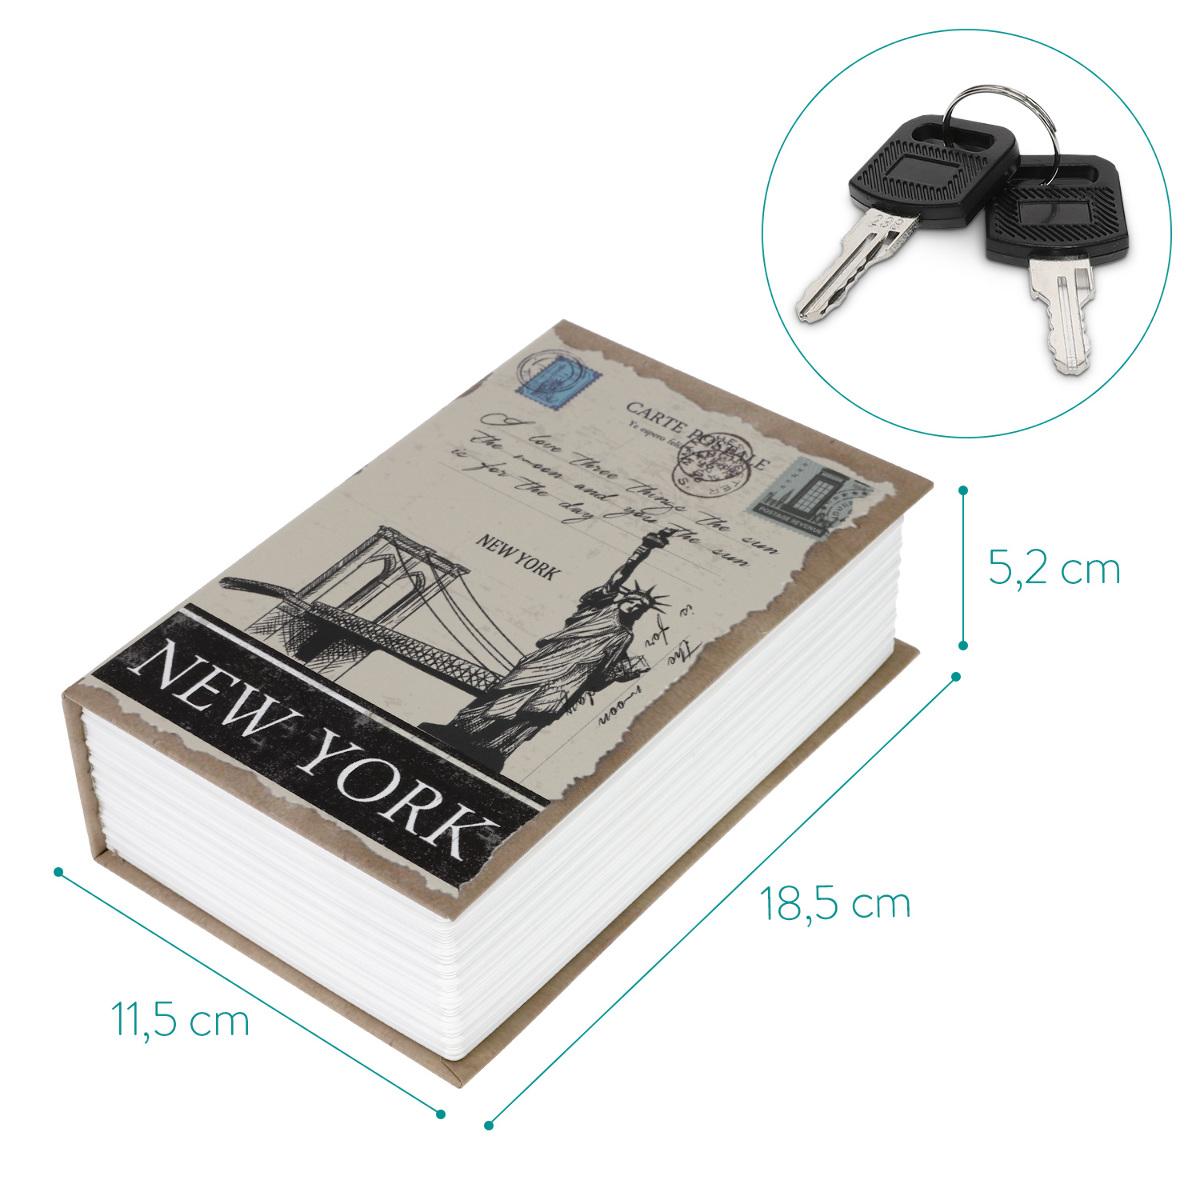 Buchtresor Versteck 2x Schlüssel Buchsafe Attrappe Geheimfach Buch Geldversteck